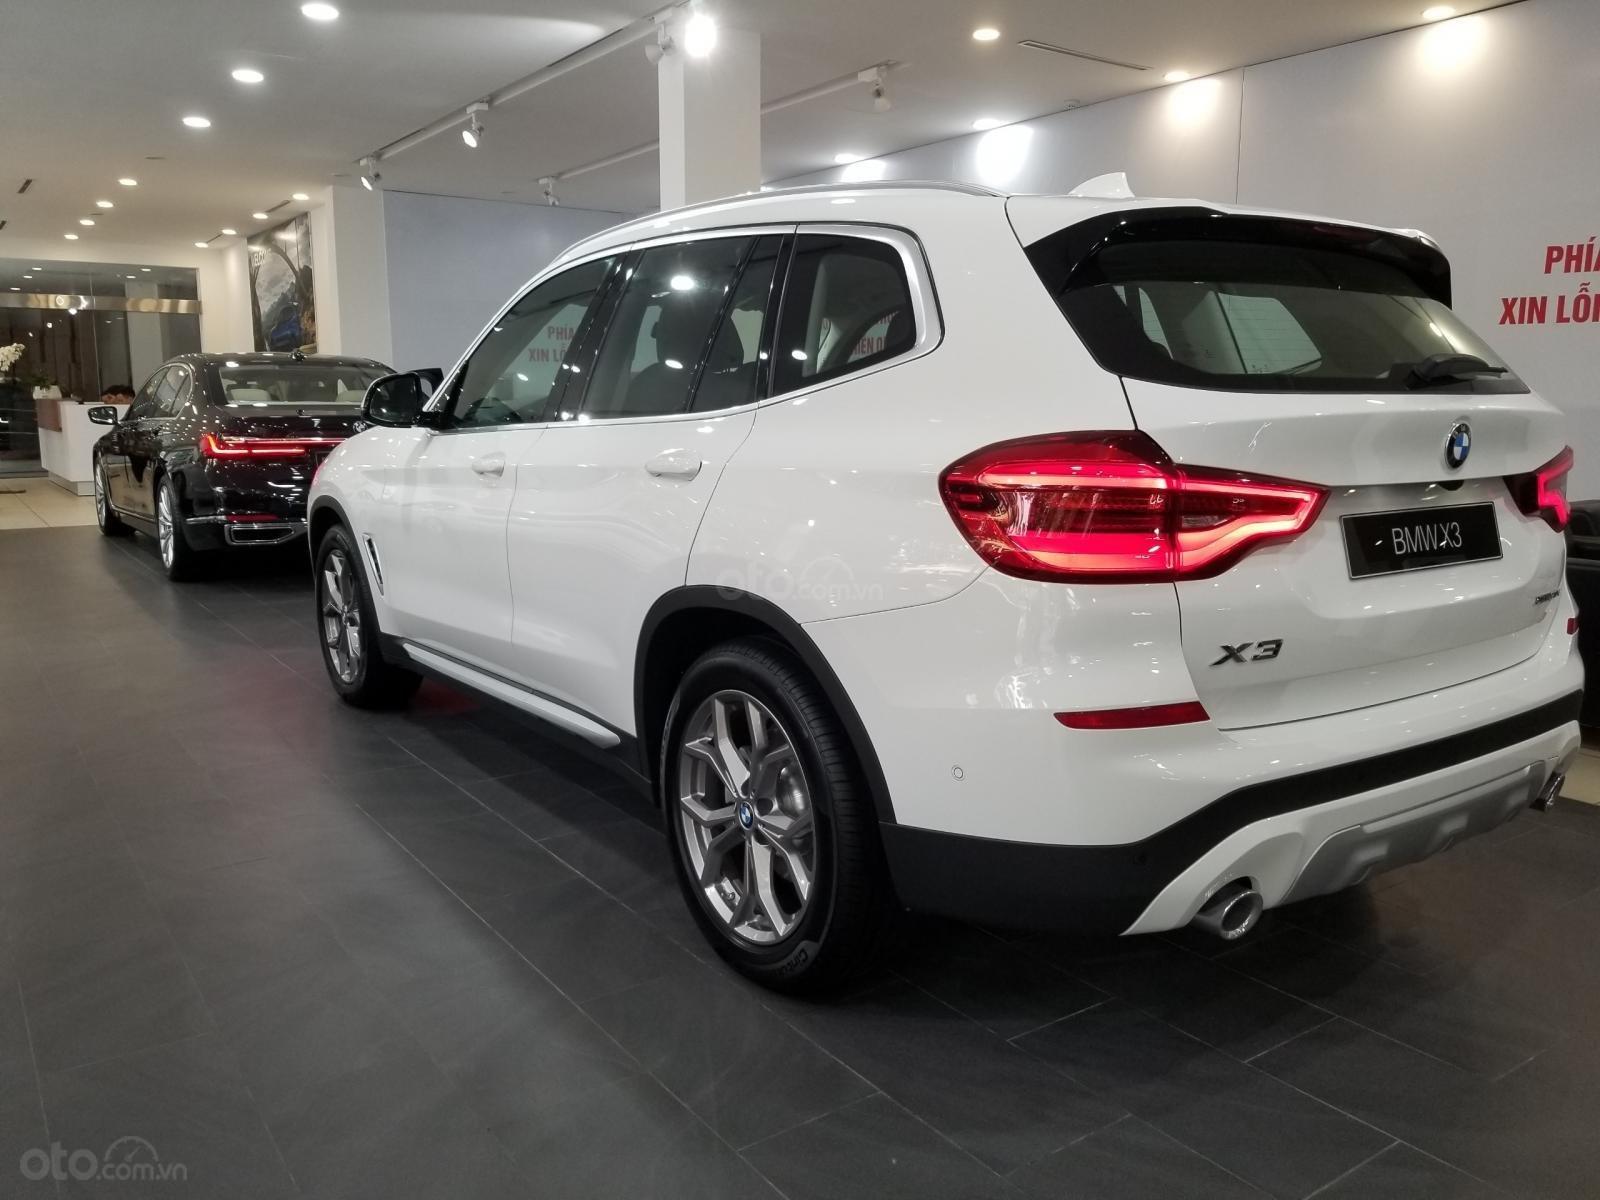 BMW X3 xDrive xLine nhập khẩu nguyên chiếc từ Châu Âu. Liên hệ 0915364574 để có giá tốt nhất (6)